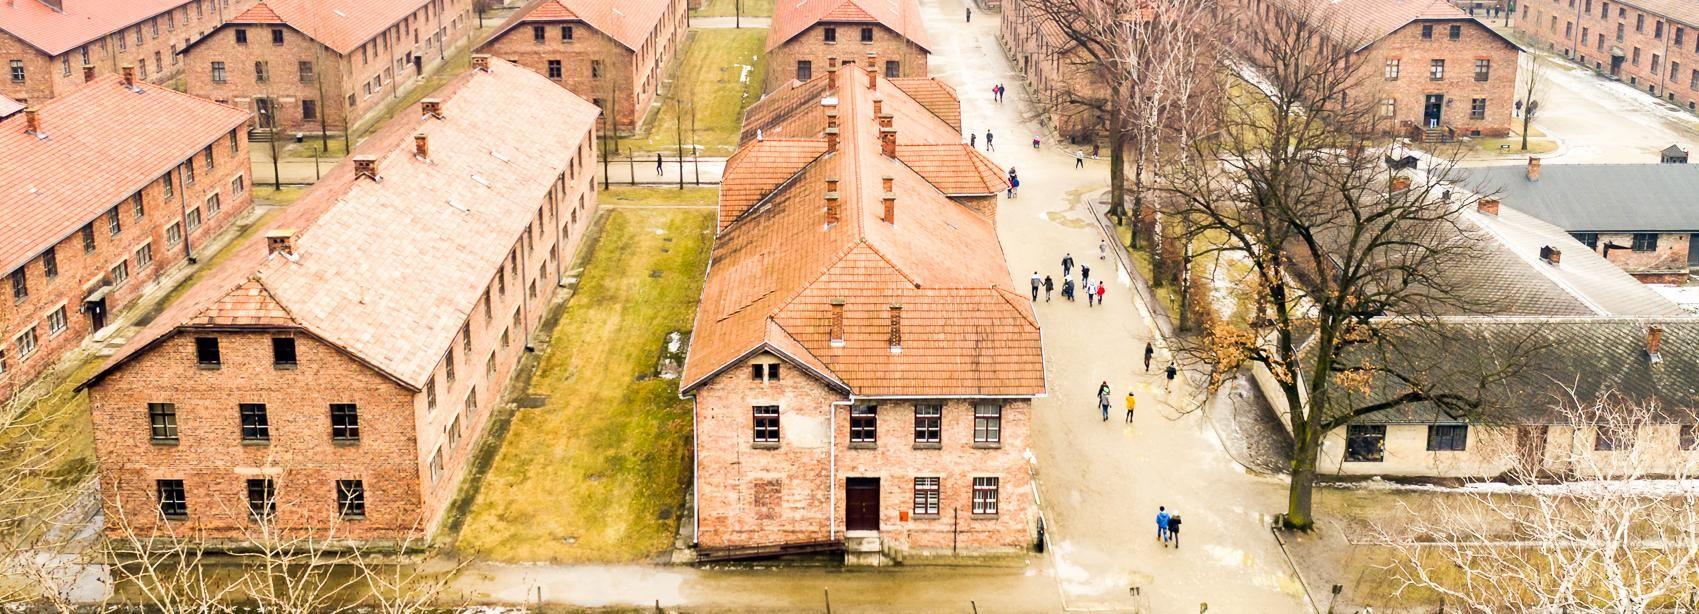 Desde Cracovia: excursión a Auschwitz-Birkenau